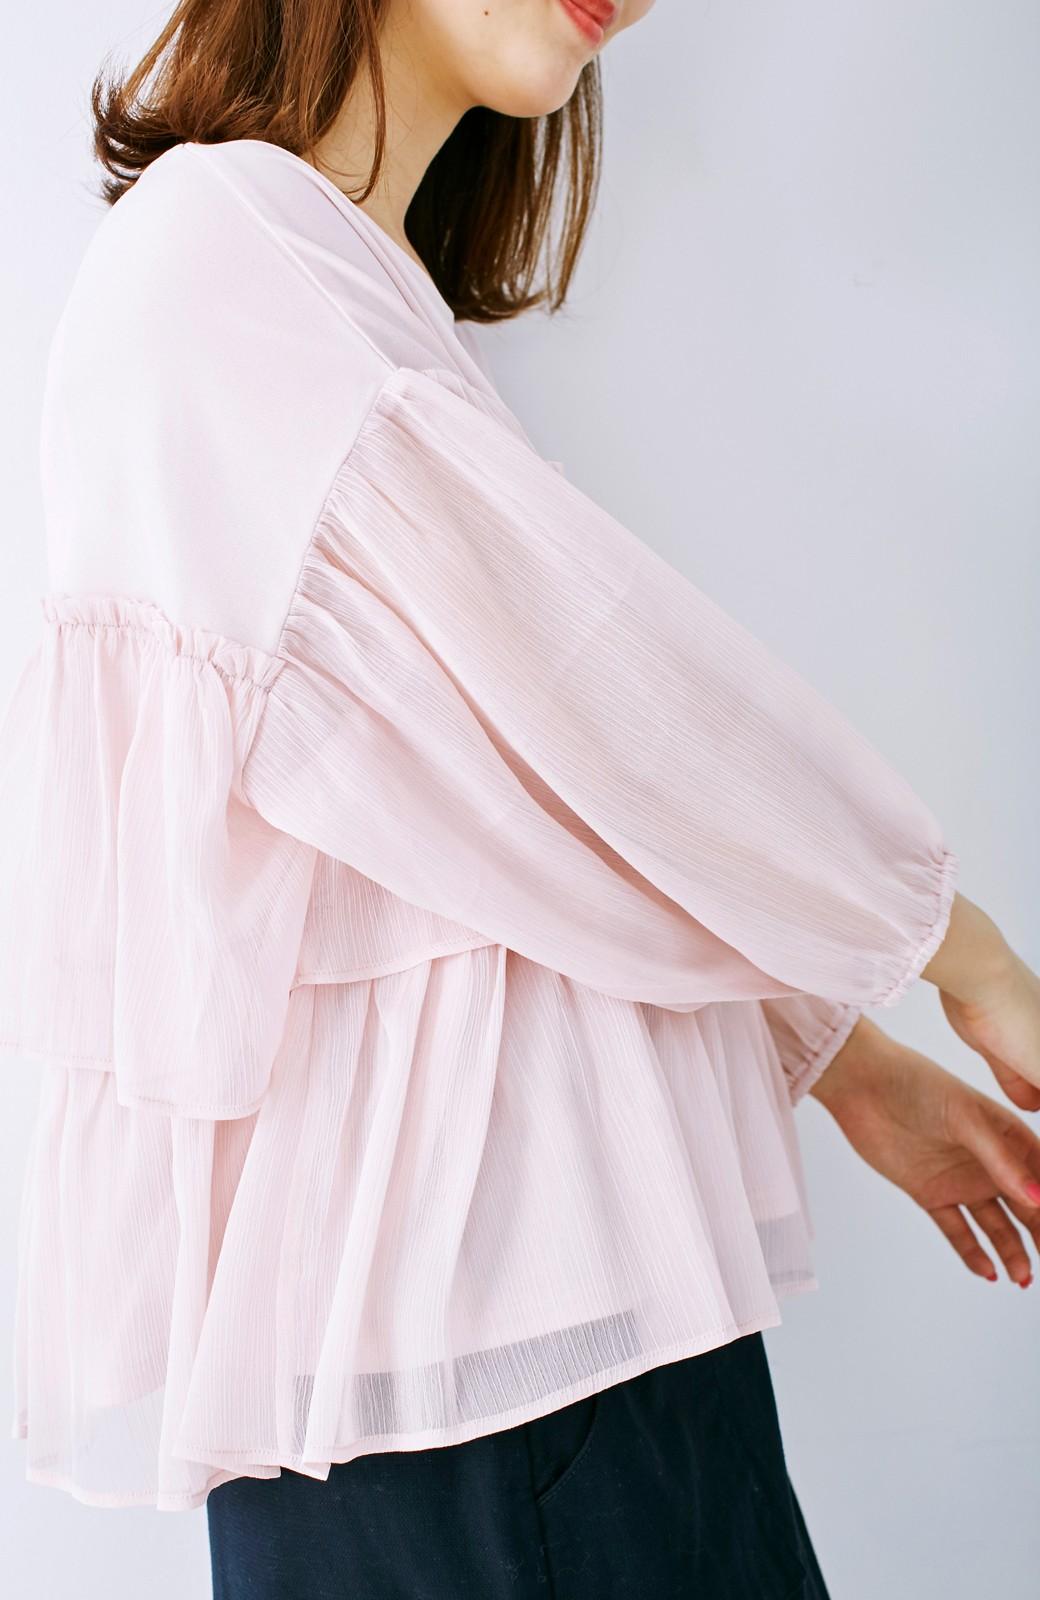 エムトロワ さらっと着られて女子気分があがる 異素材づかいのフリルトップス <ライトピンク>の商品写真13